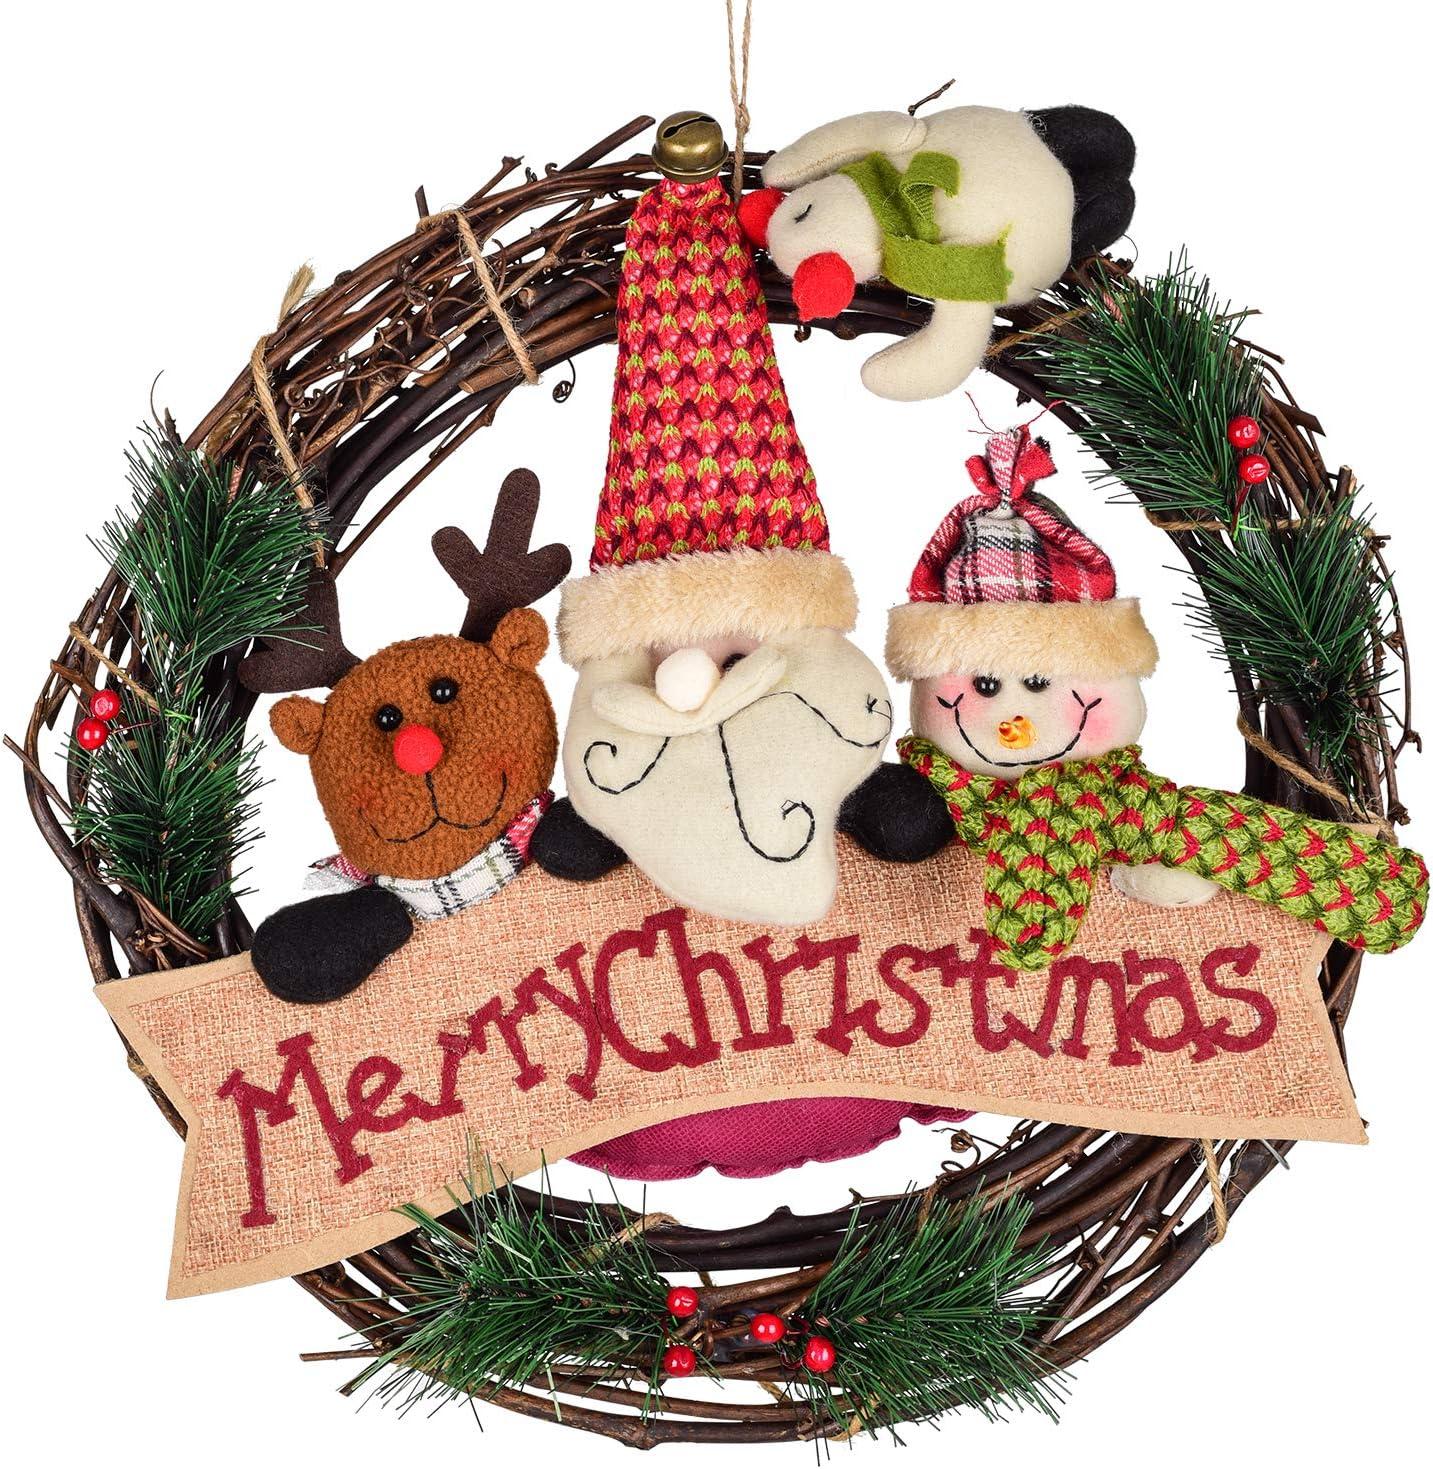 Christmas Wreath Merry Christmas Wreath